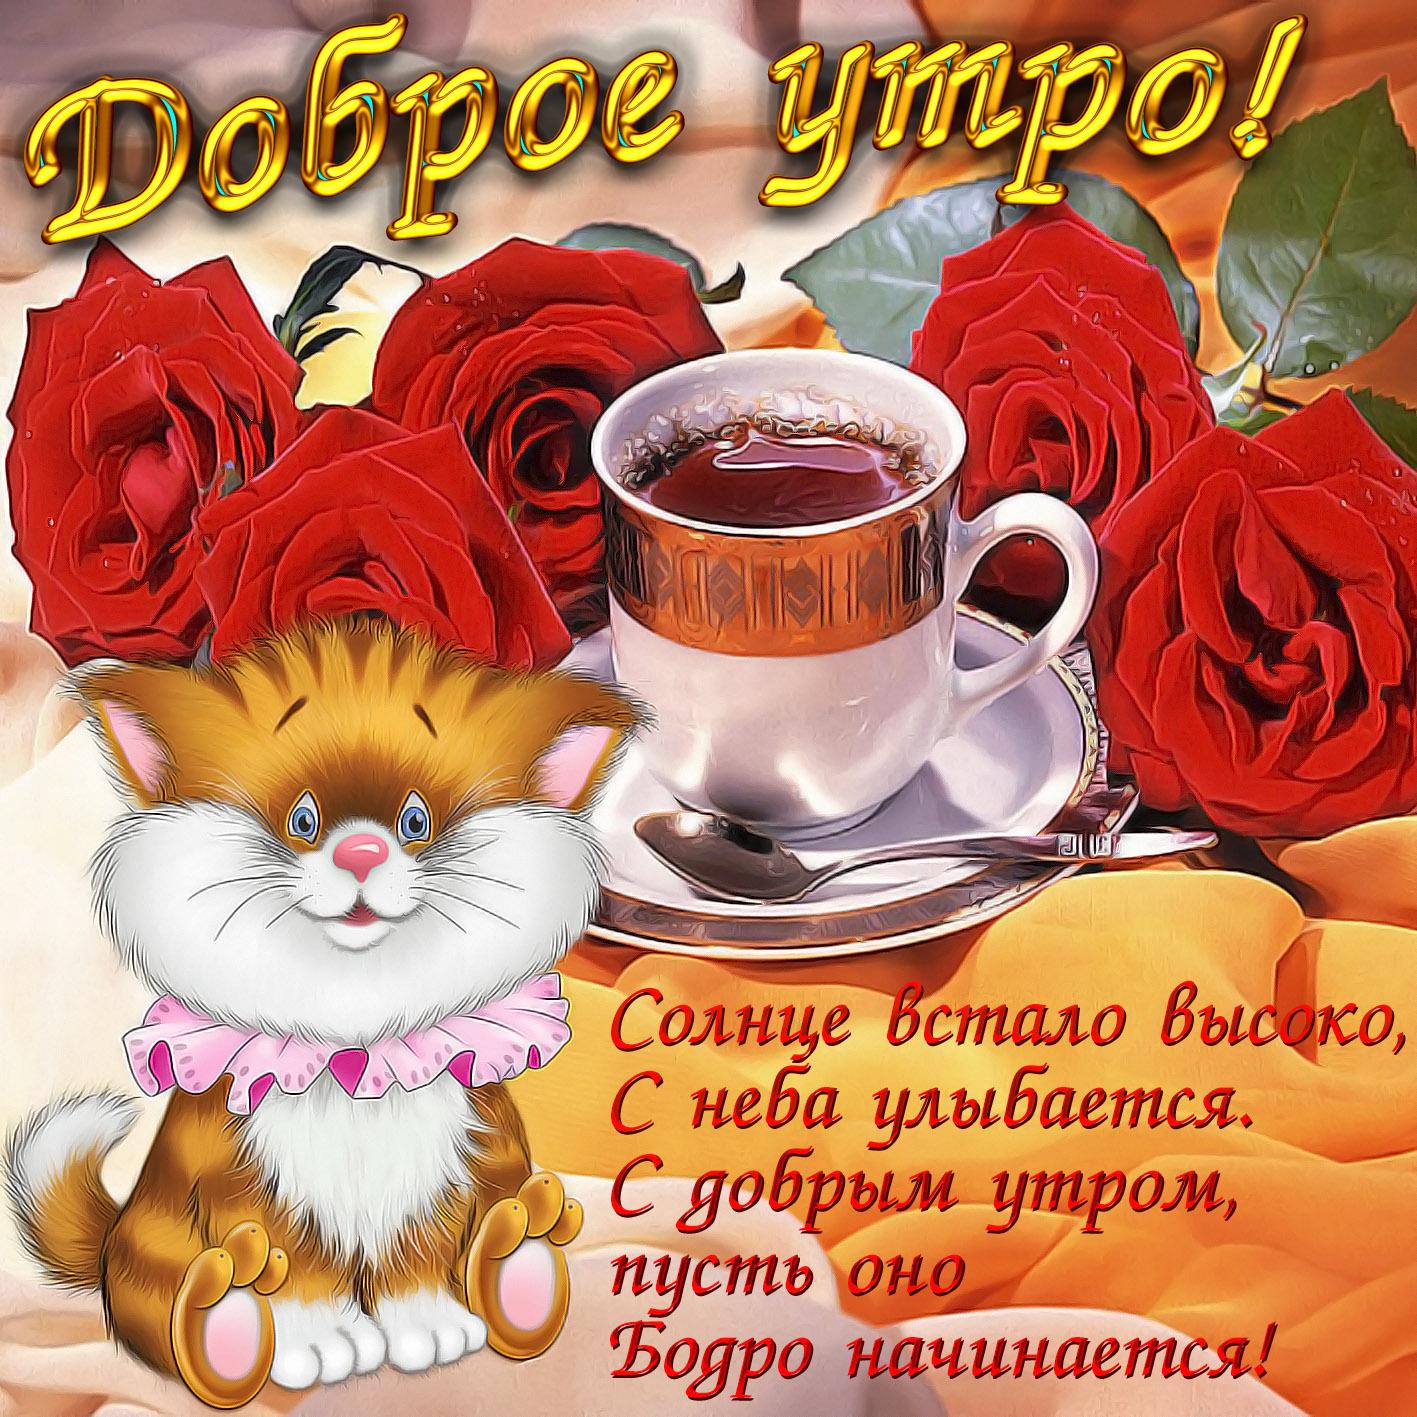 Самые веселые открытки с добрым утром хорошего дня